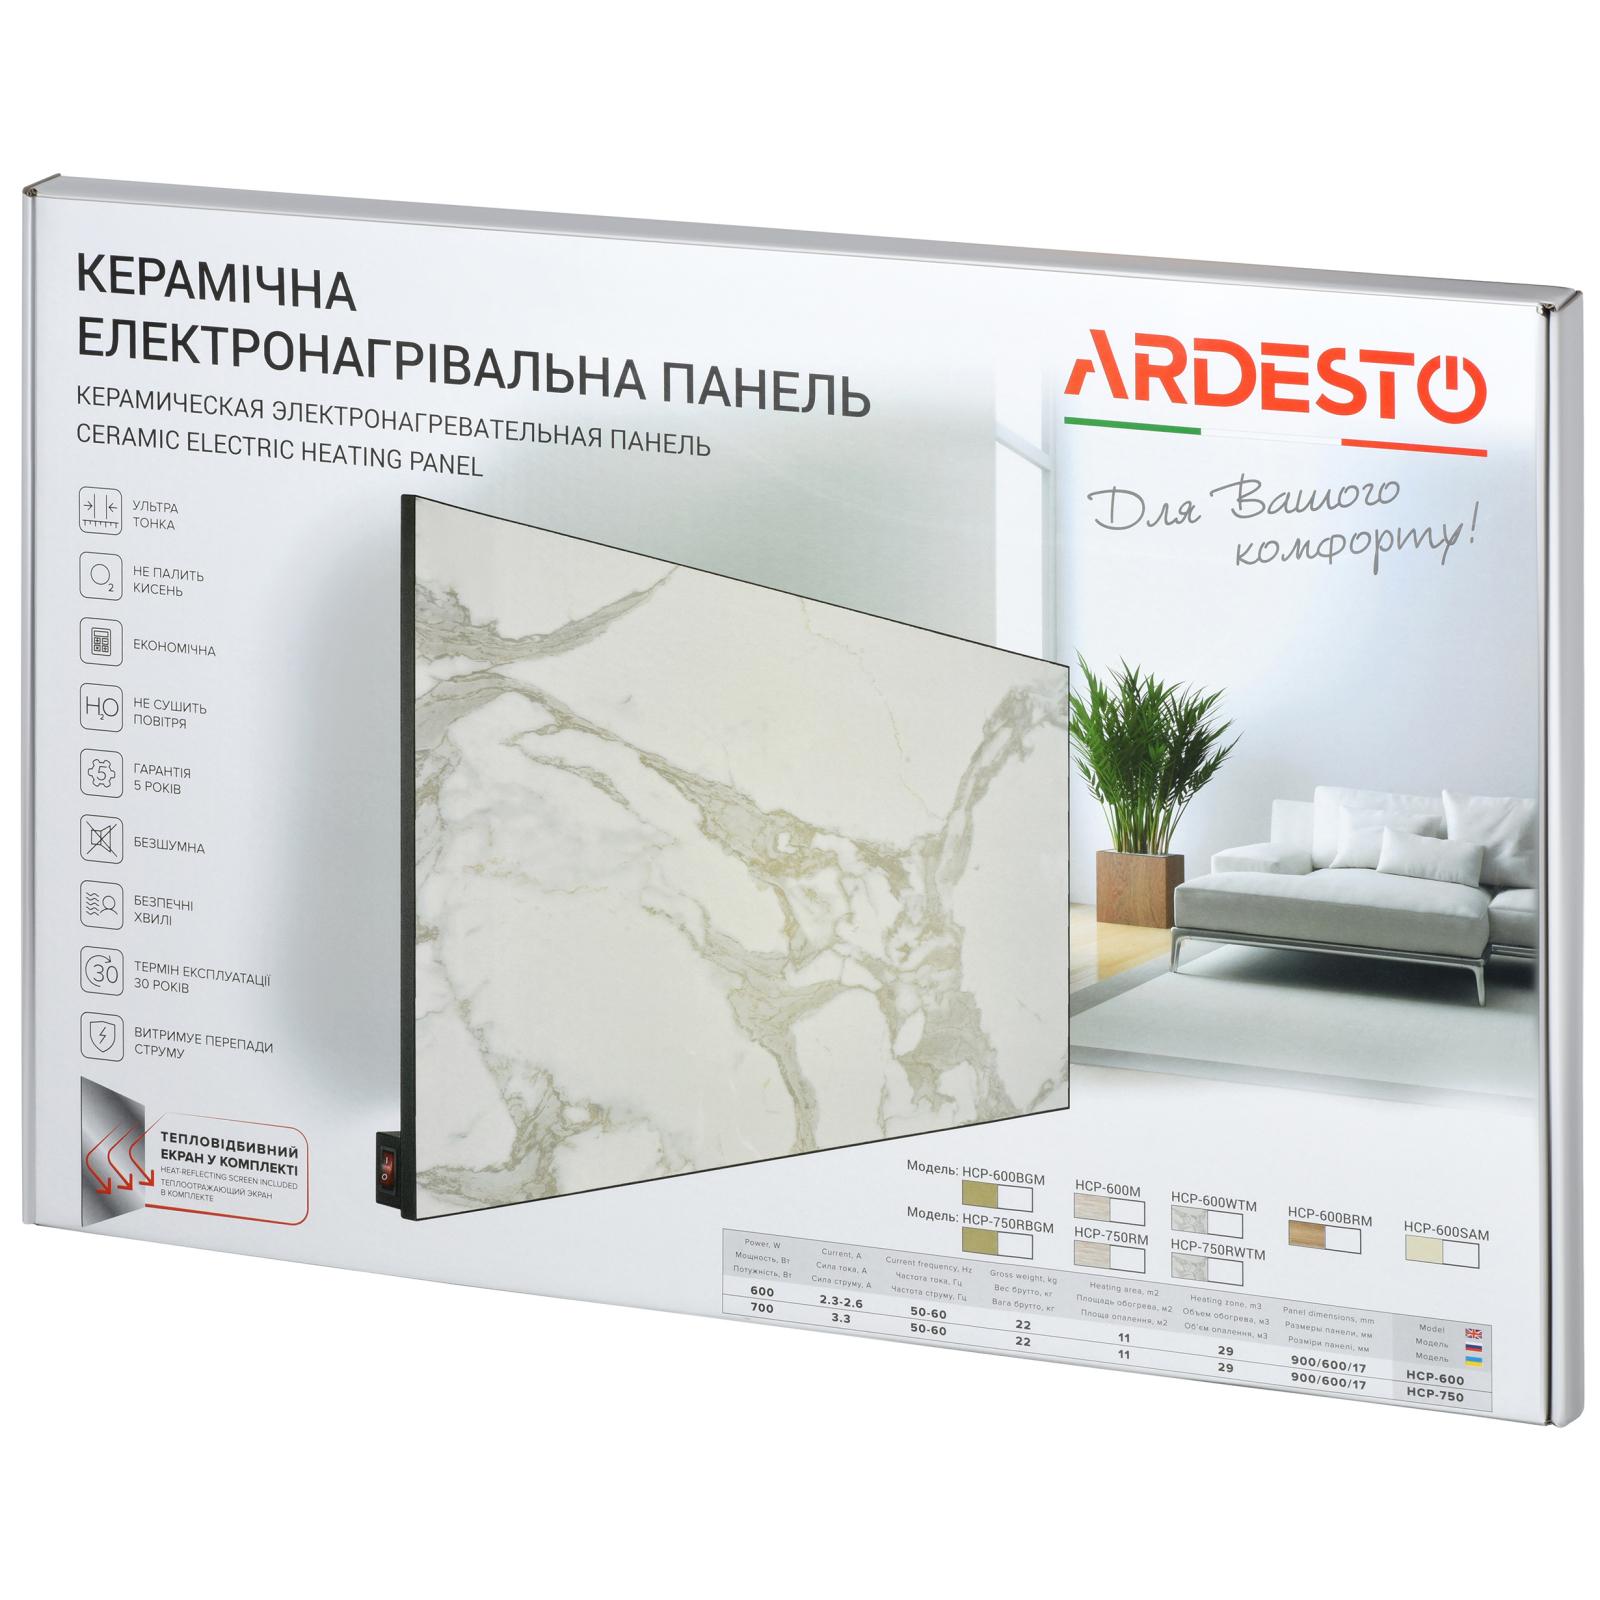 Обігрівач Ardesto HCP-550RBGM зображення 5